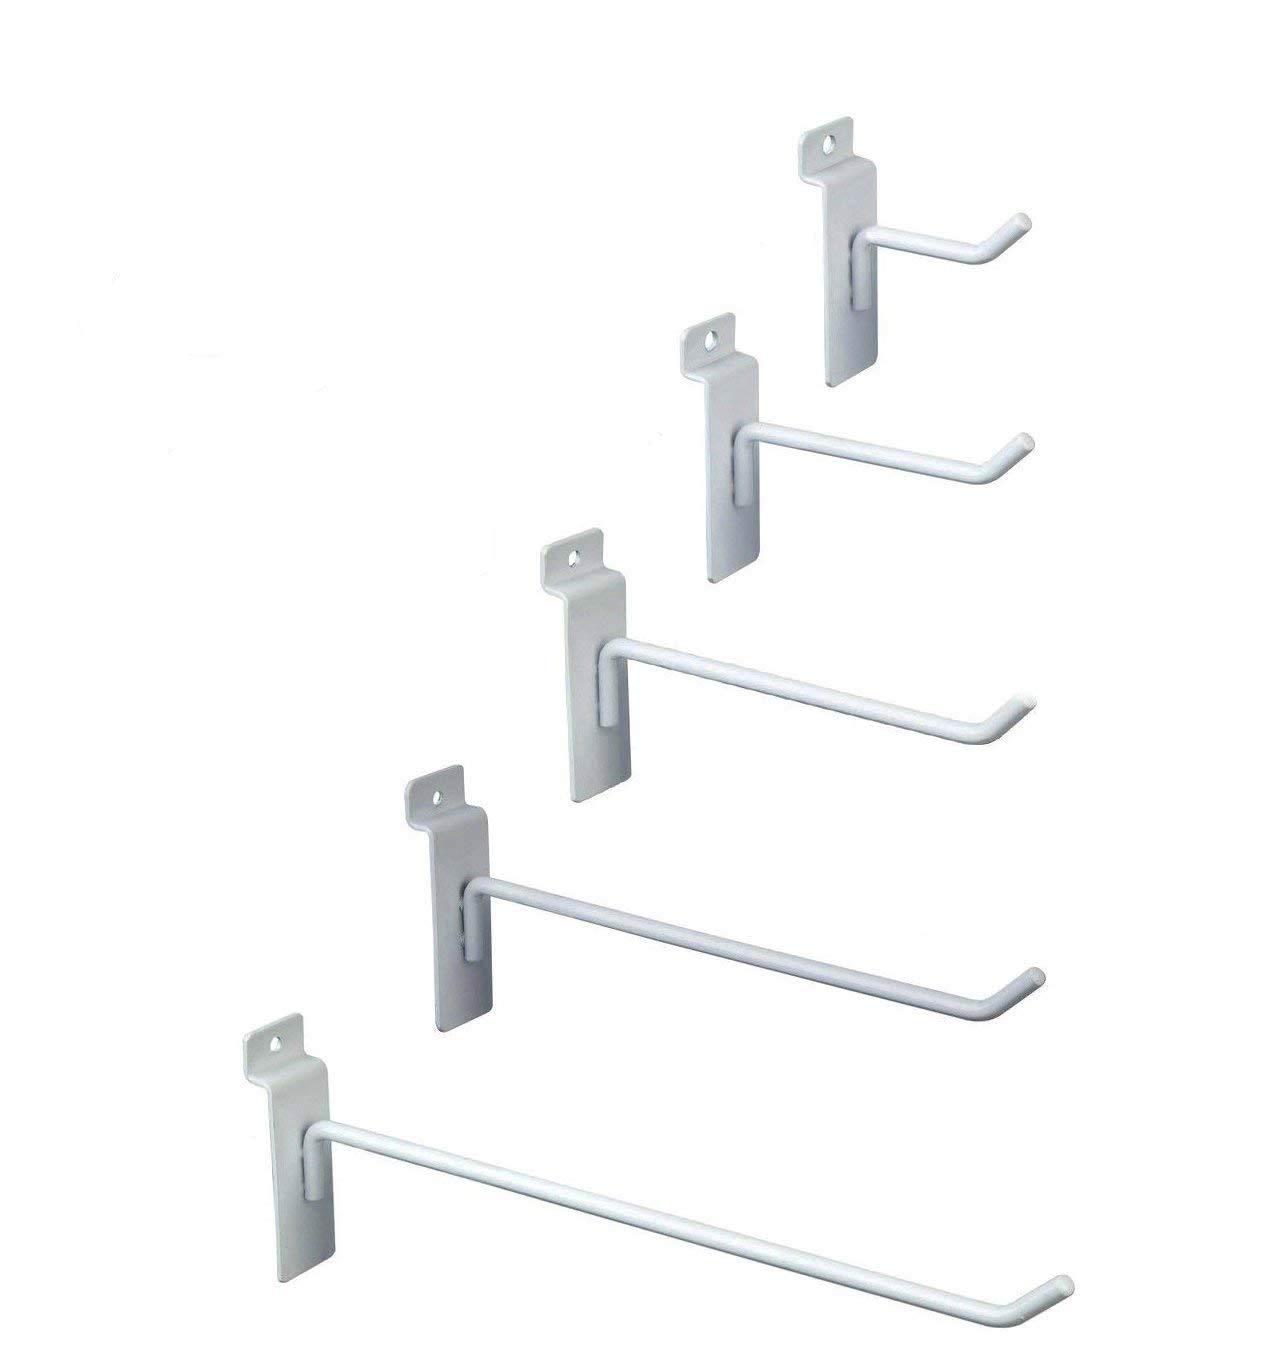 Only Hangers Commercial Grade White Slatwall Hooks - Combo Pack of 100 Assorted Size White Peg Hooks for Slatwall - (20) of Each 2'',4'',6'', 8'' and 10'' Hooks